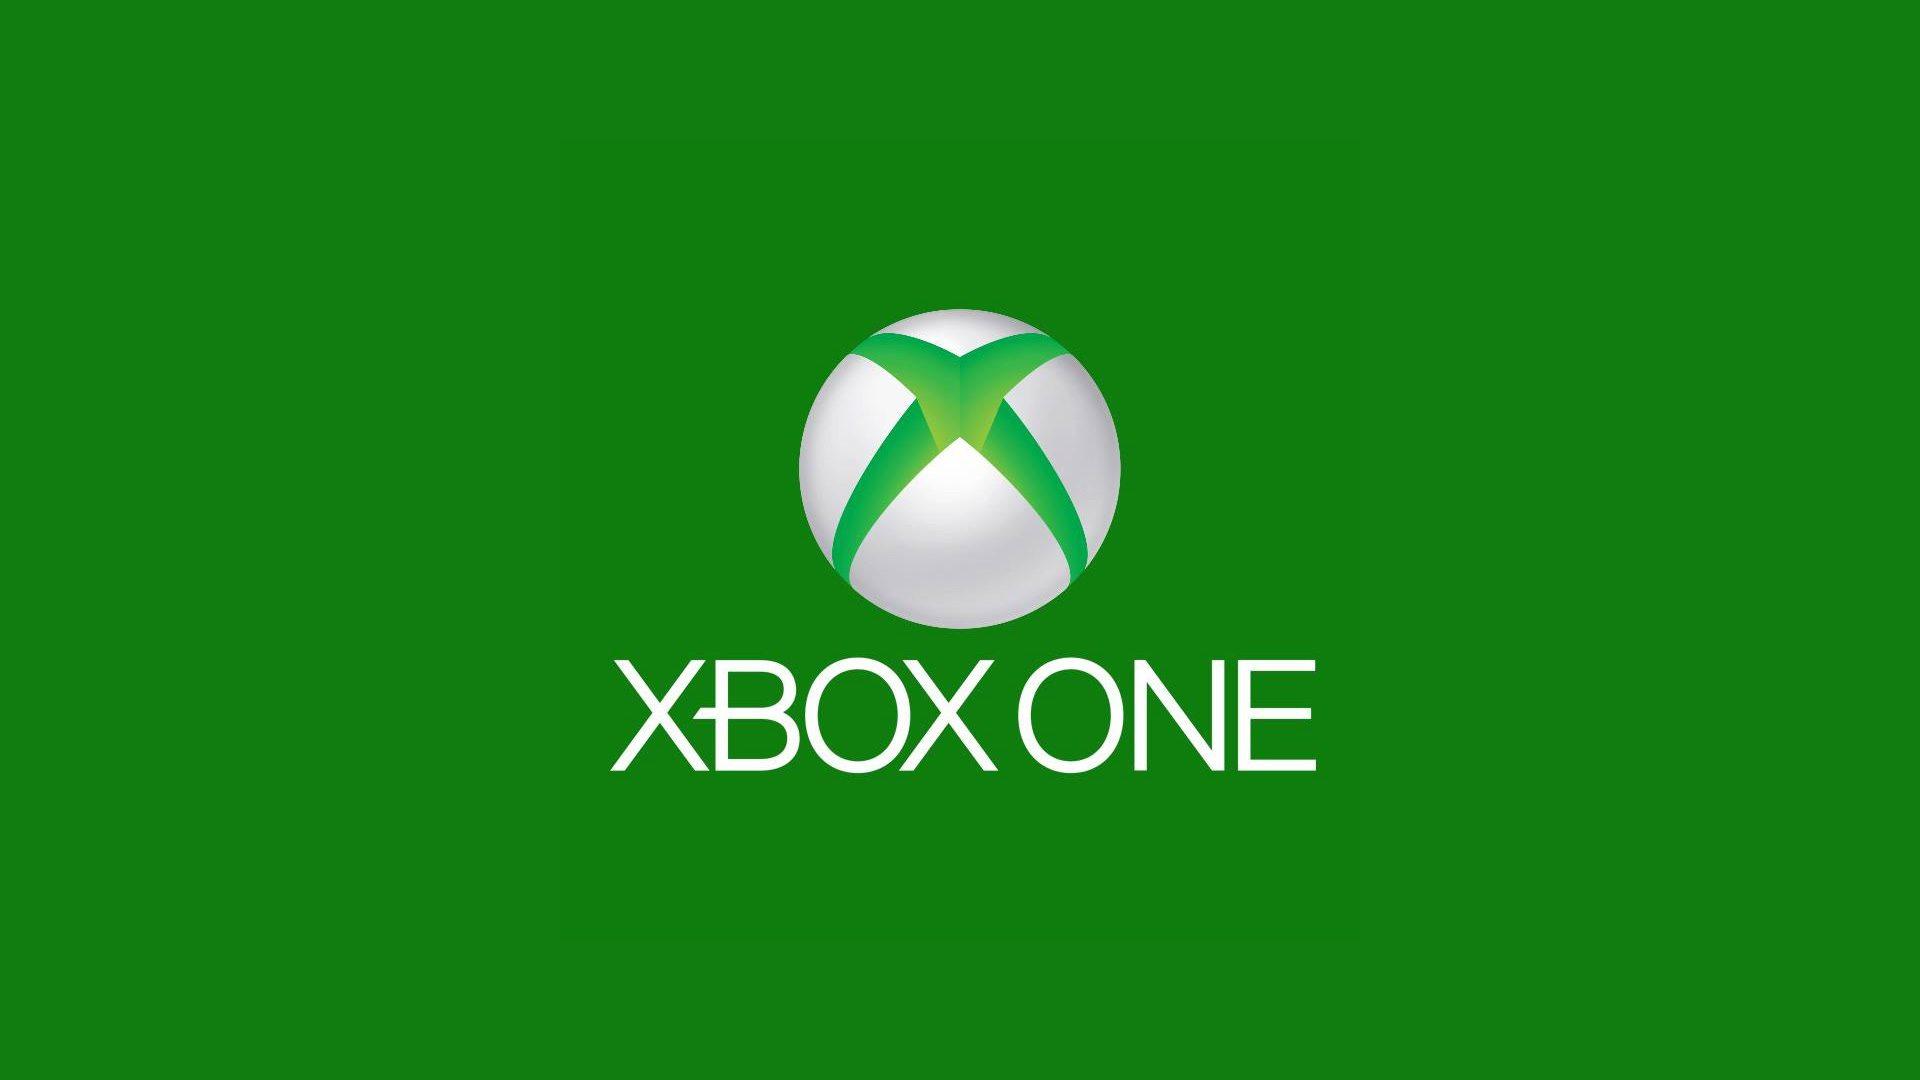 _Xbox_One_logo_047037_